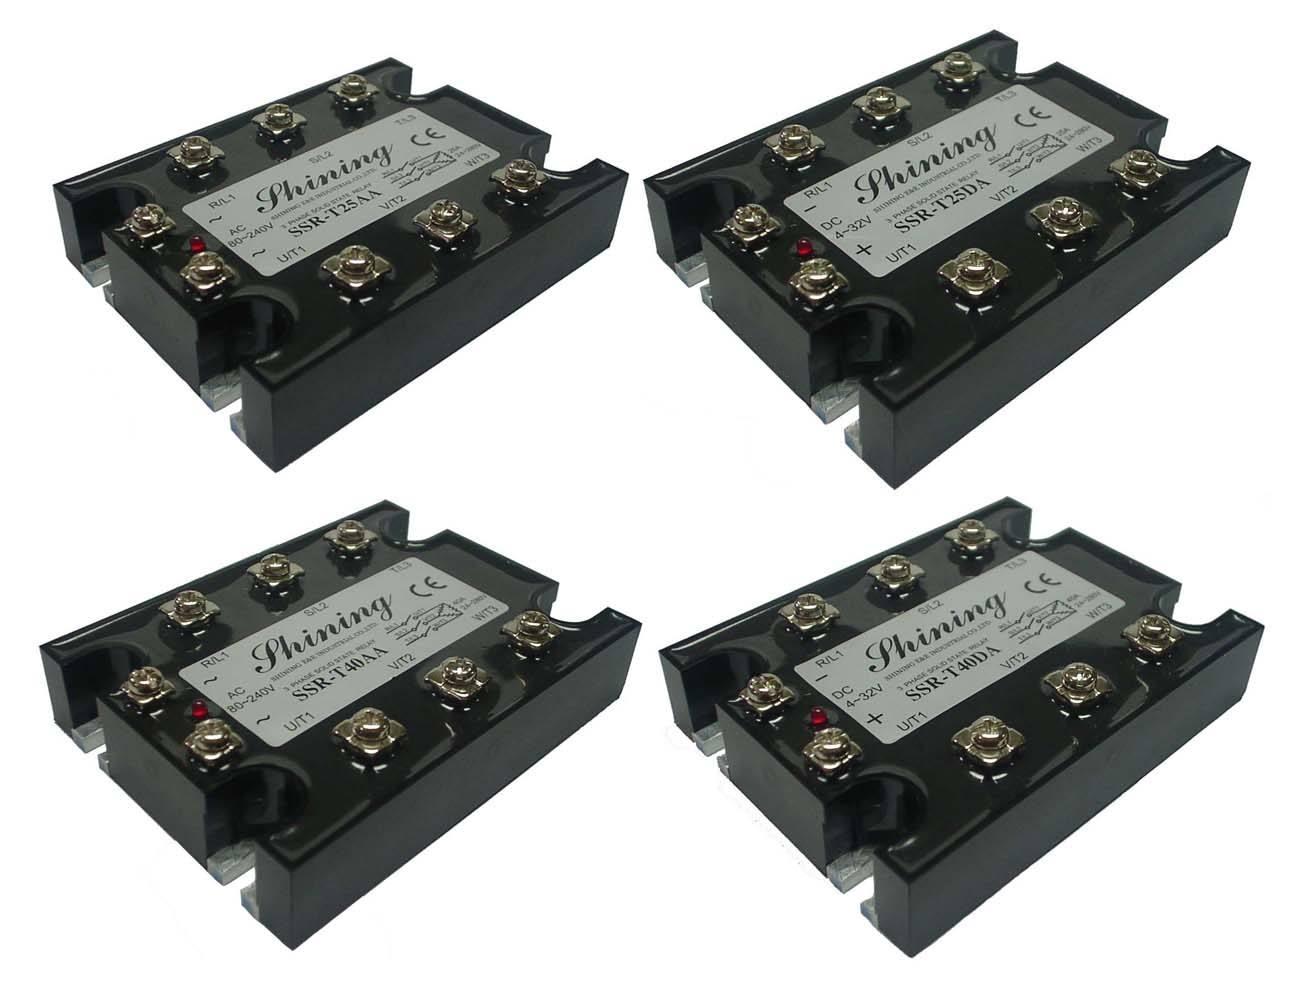 三相固態繼電器 - 三相固態繼電器